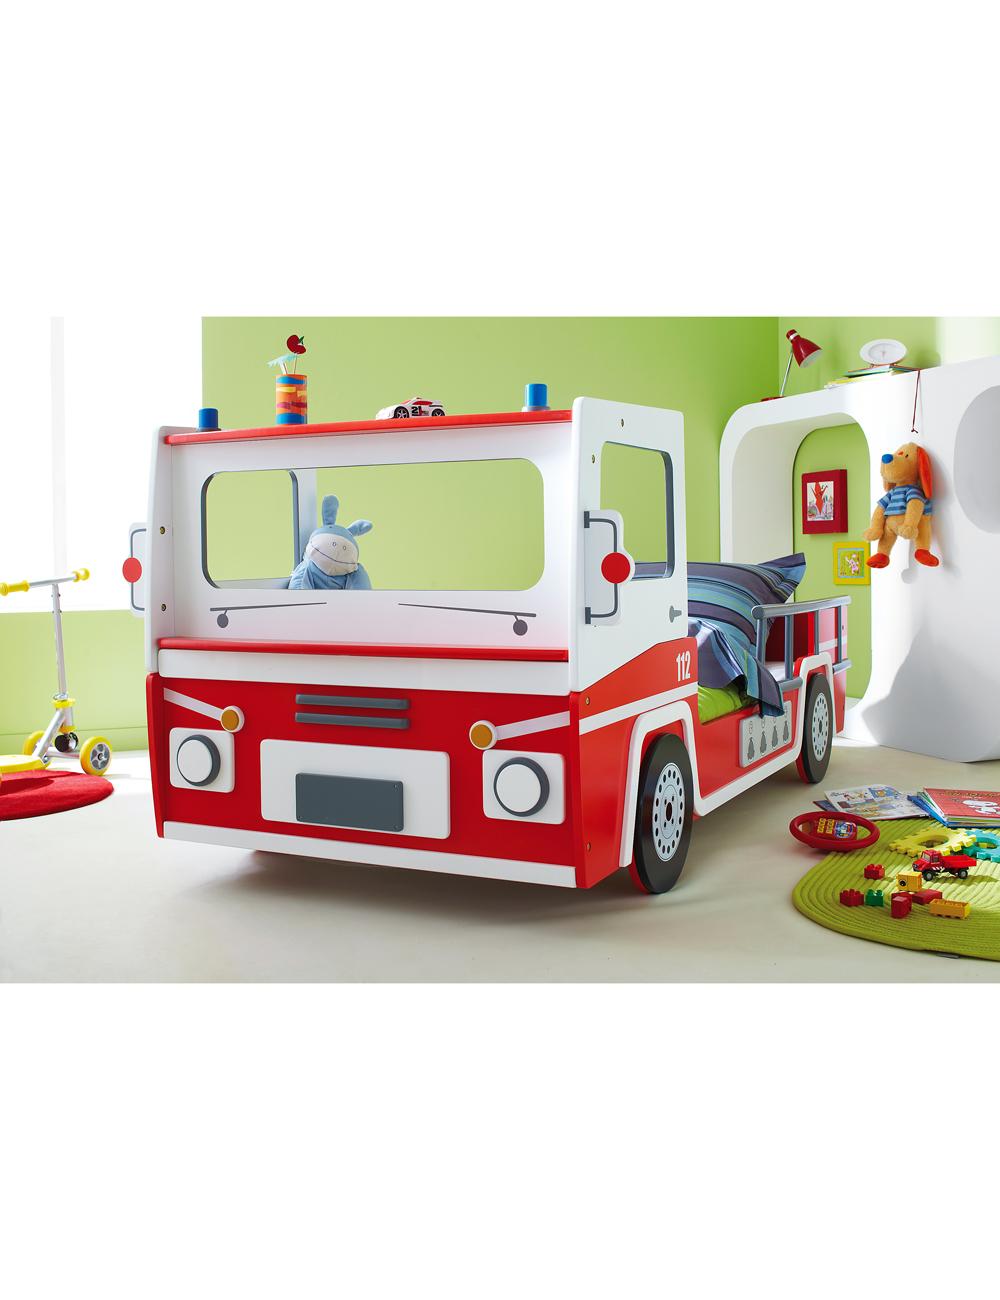 Lit Camion De Pompier En Mdf Anti Rayures